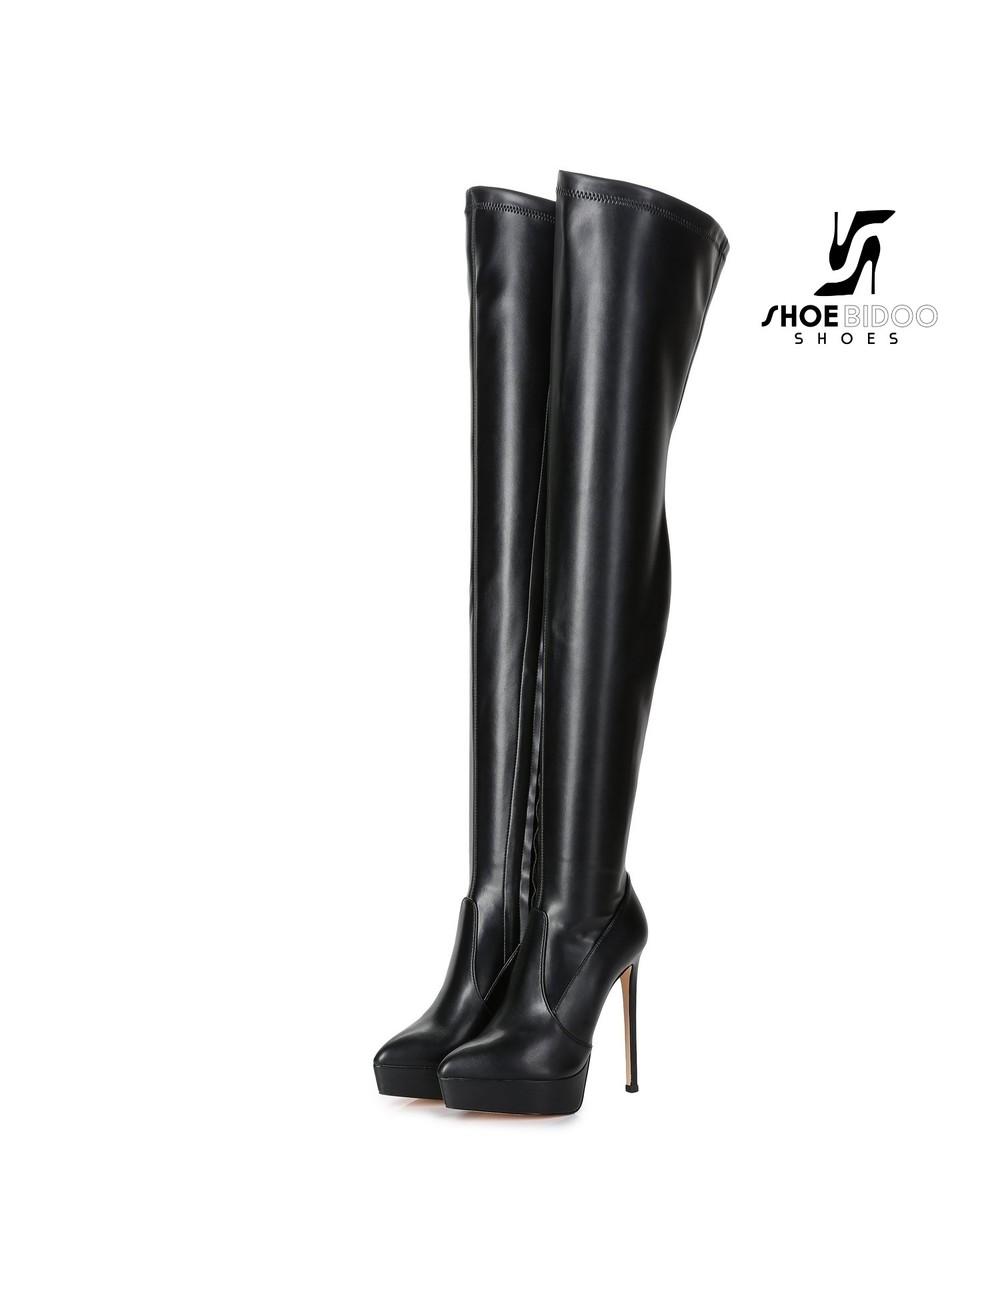 Giaro Giaro Platform thigh boots SPIRE in black